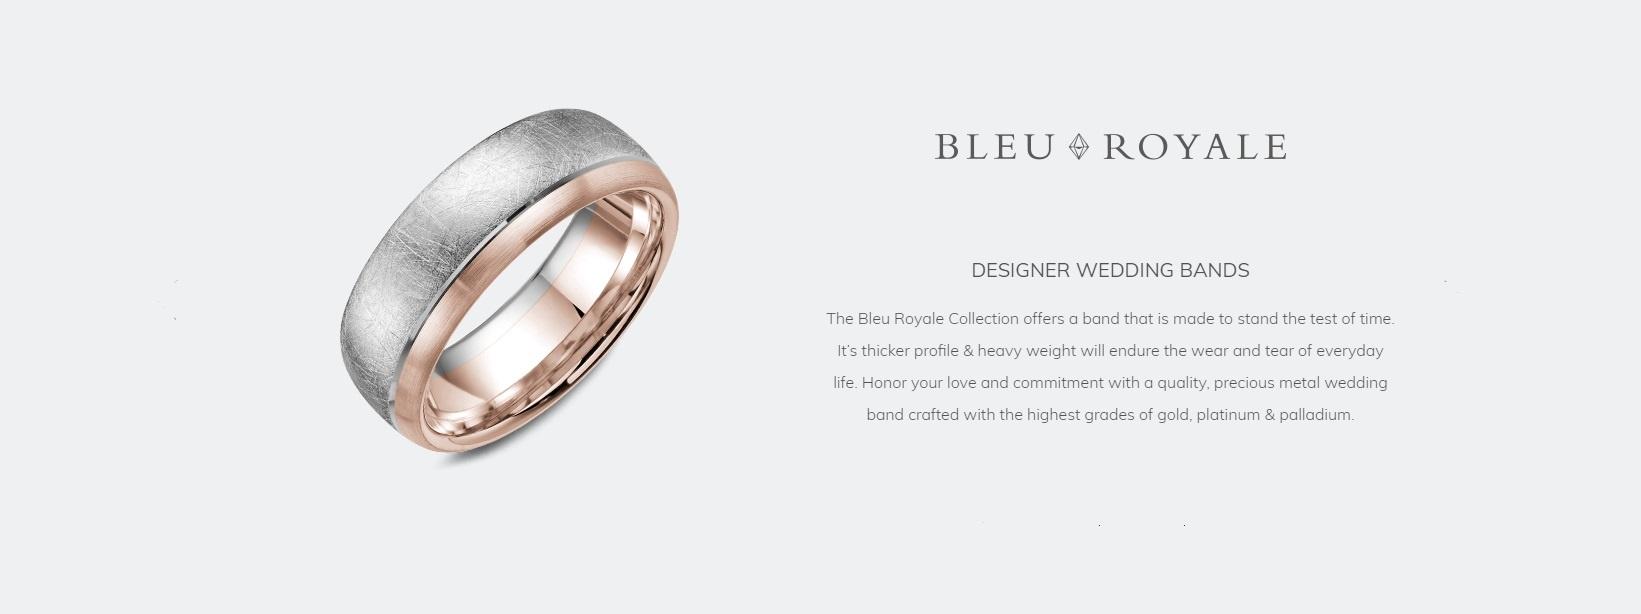 Bleu Royale designer wedding bands